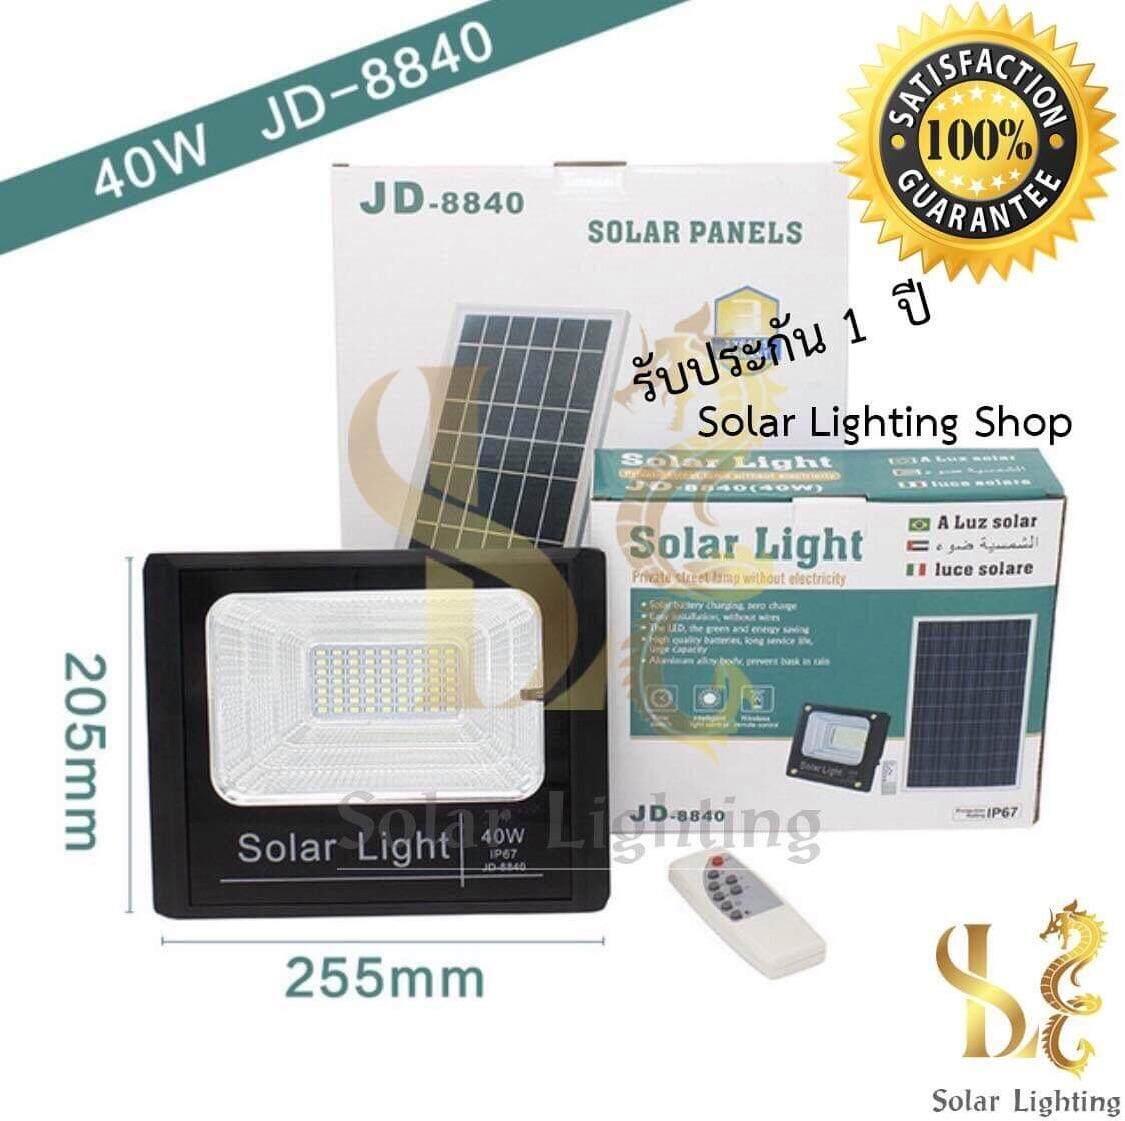 ไฟสปอร์ตไลท์ Led 40w โซล่าเซลล์ Solar Light By Lighting888.